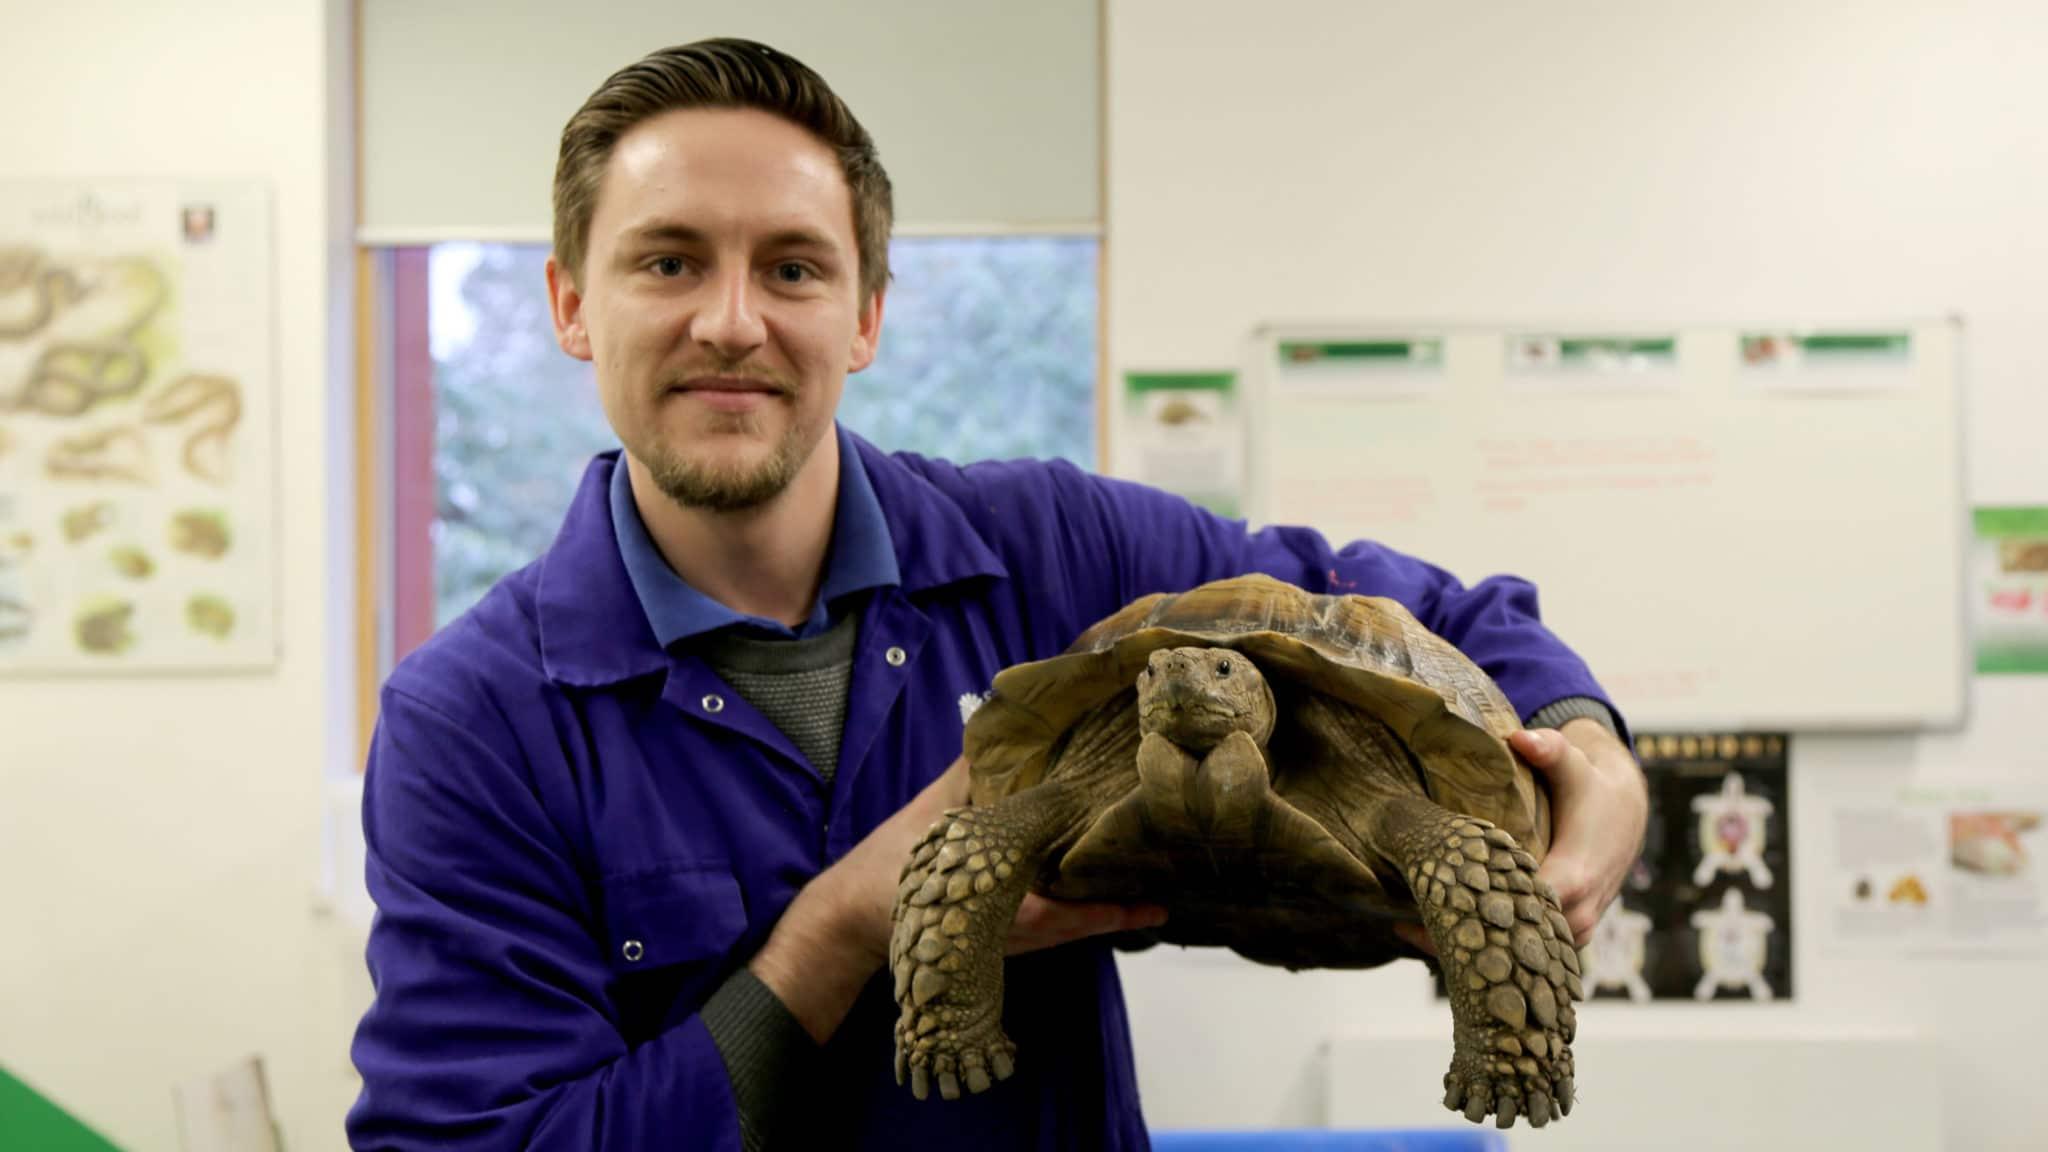 Jamie holds tortoise